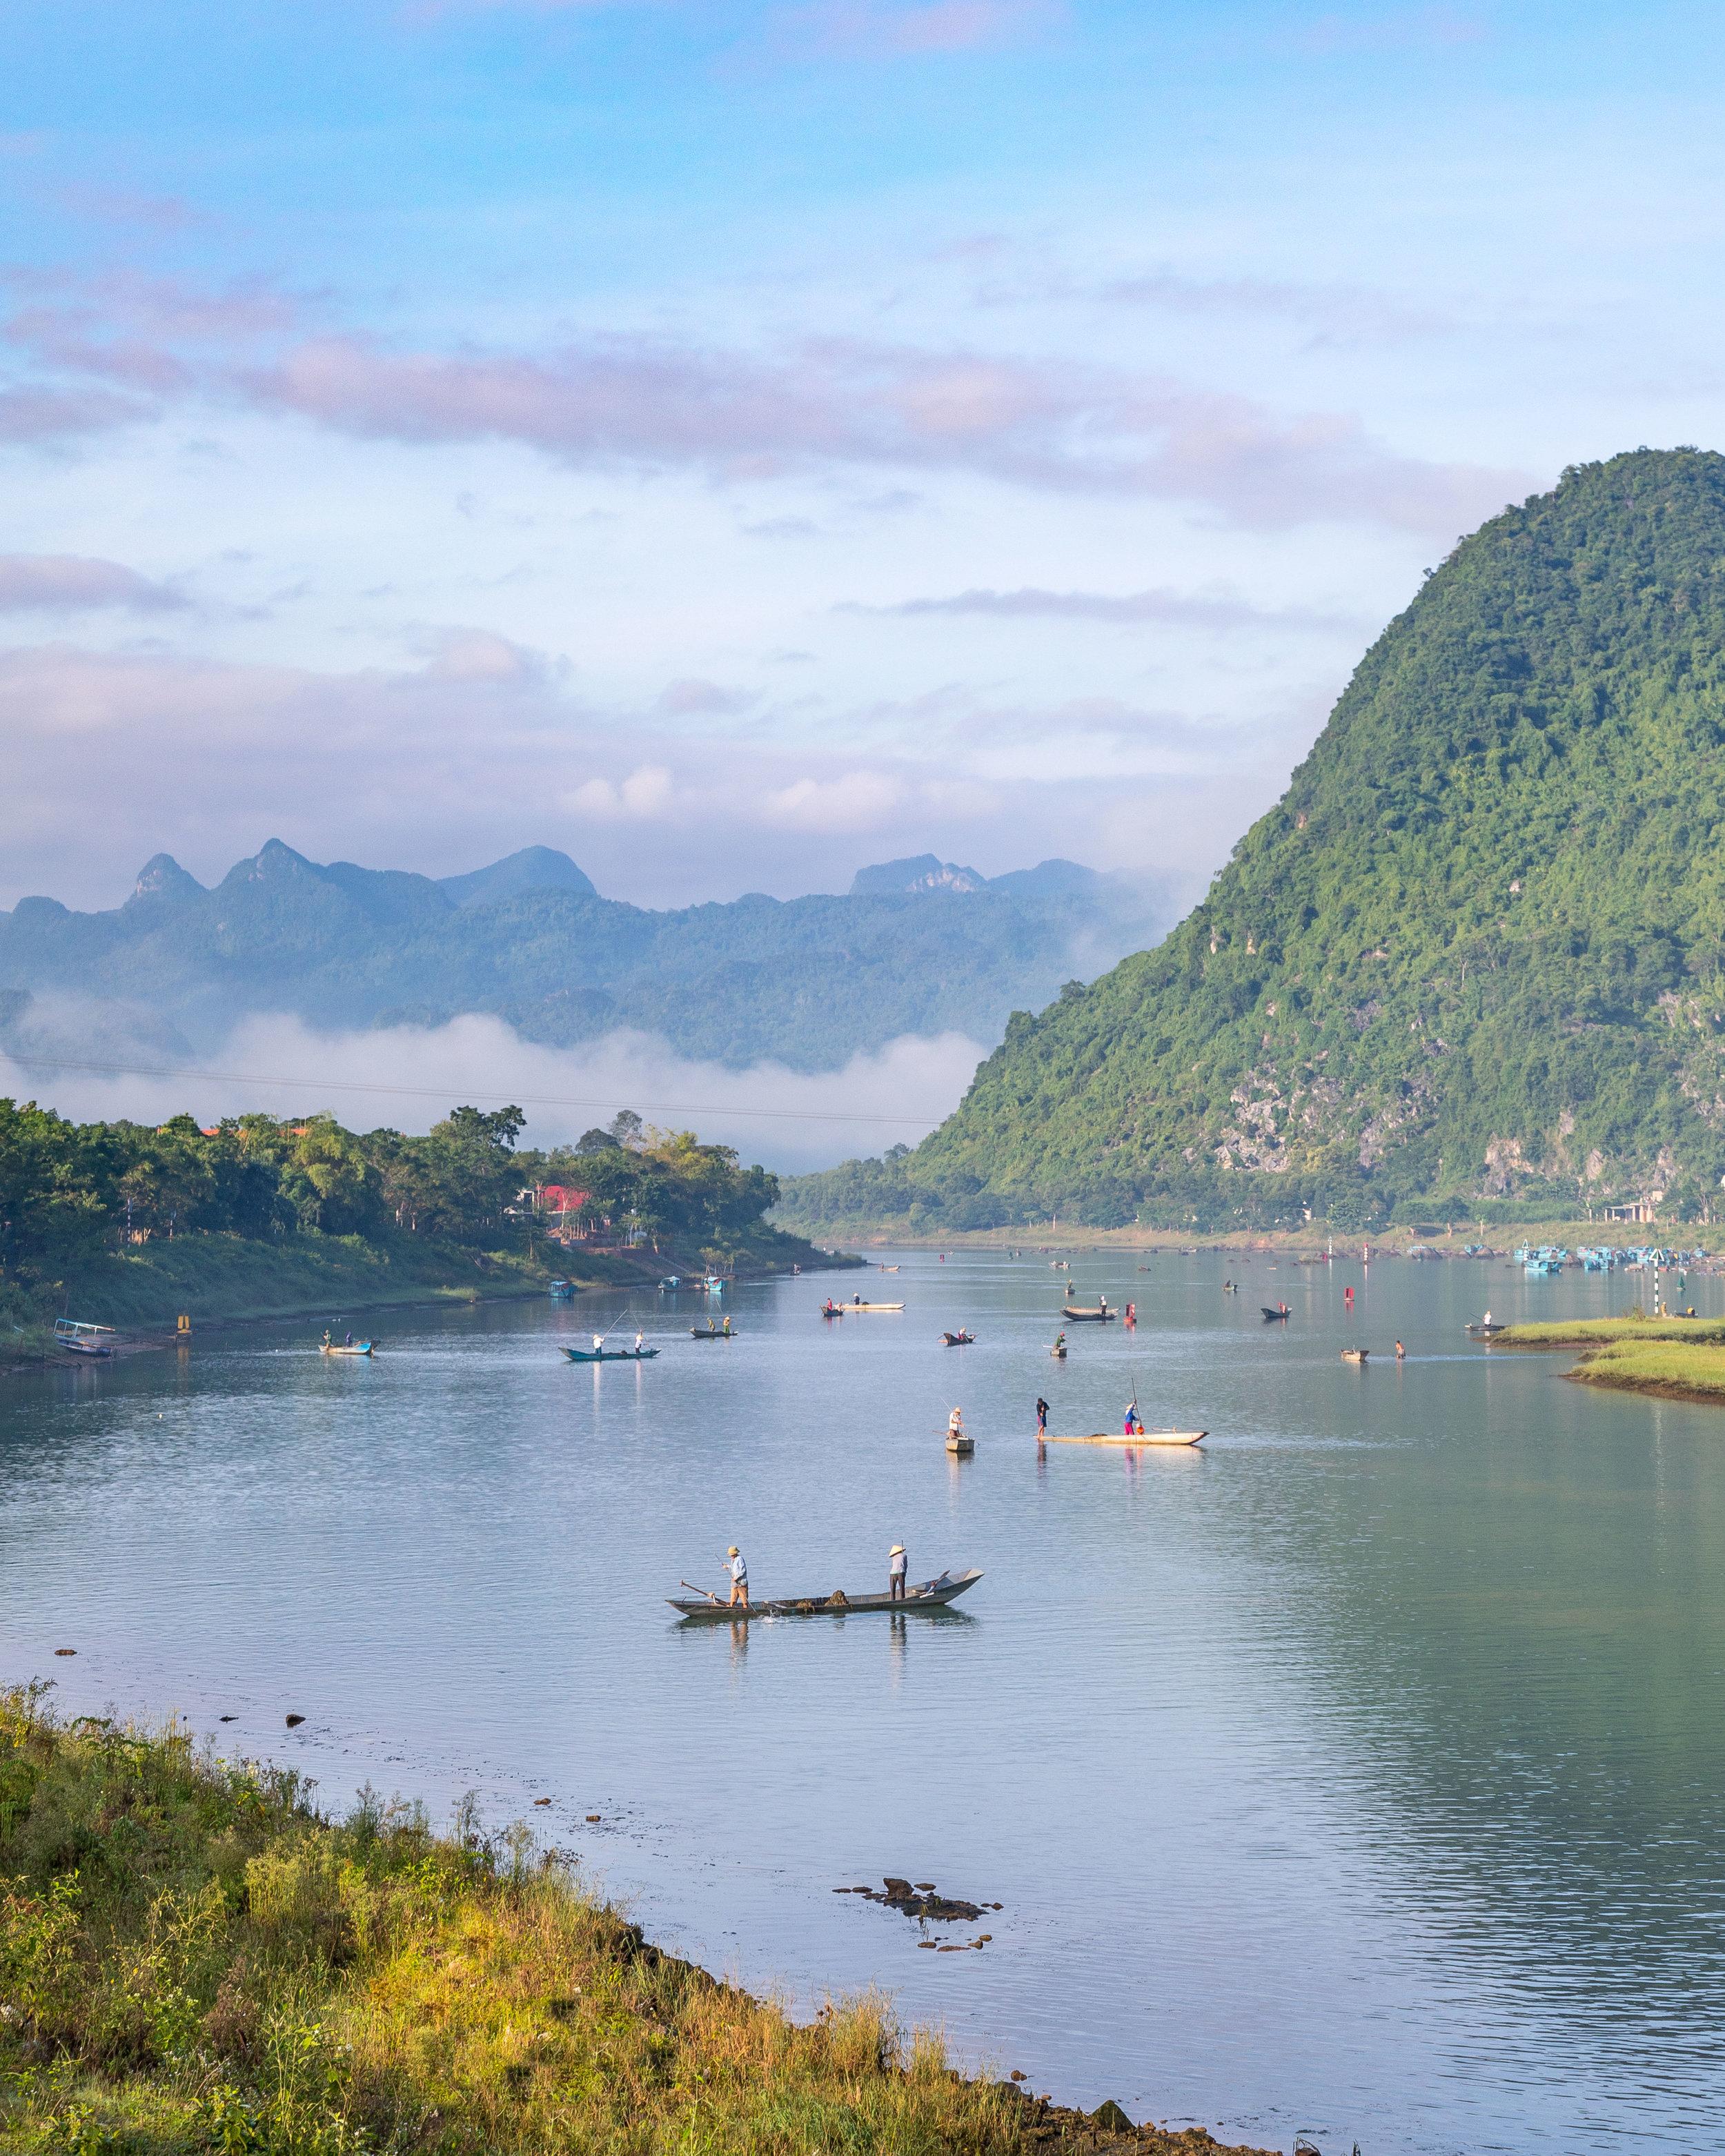 Sunrise at Phong Nha